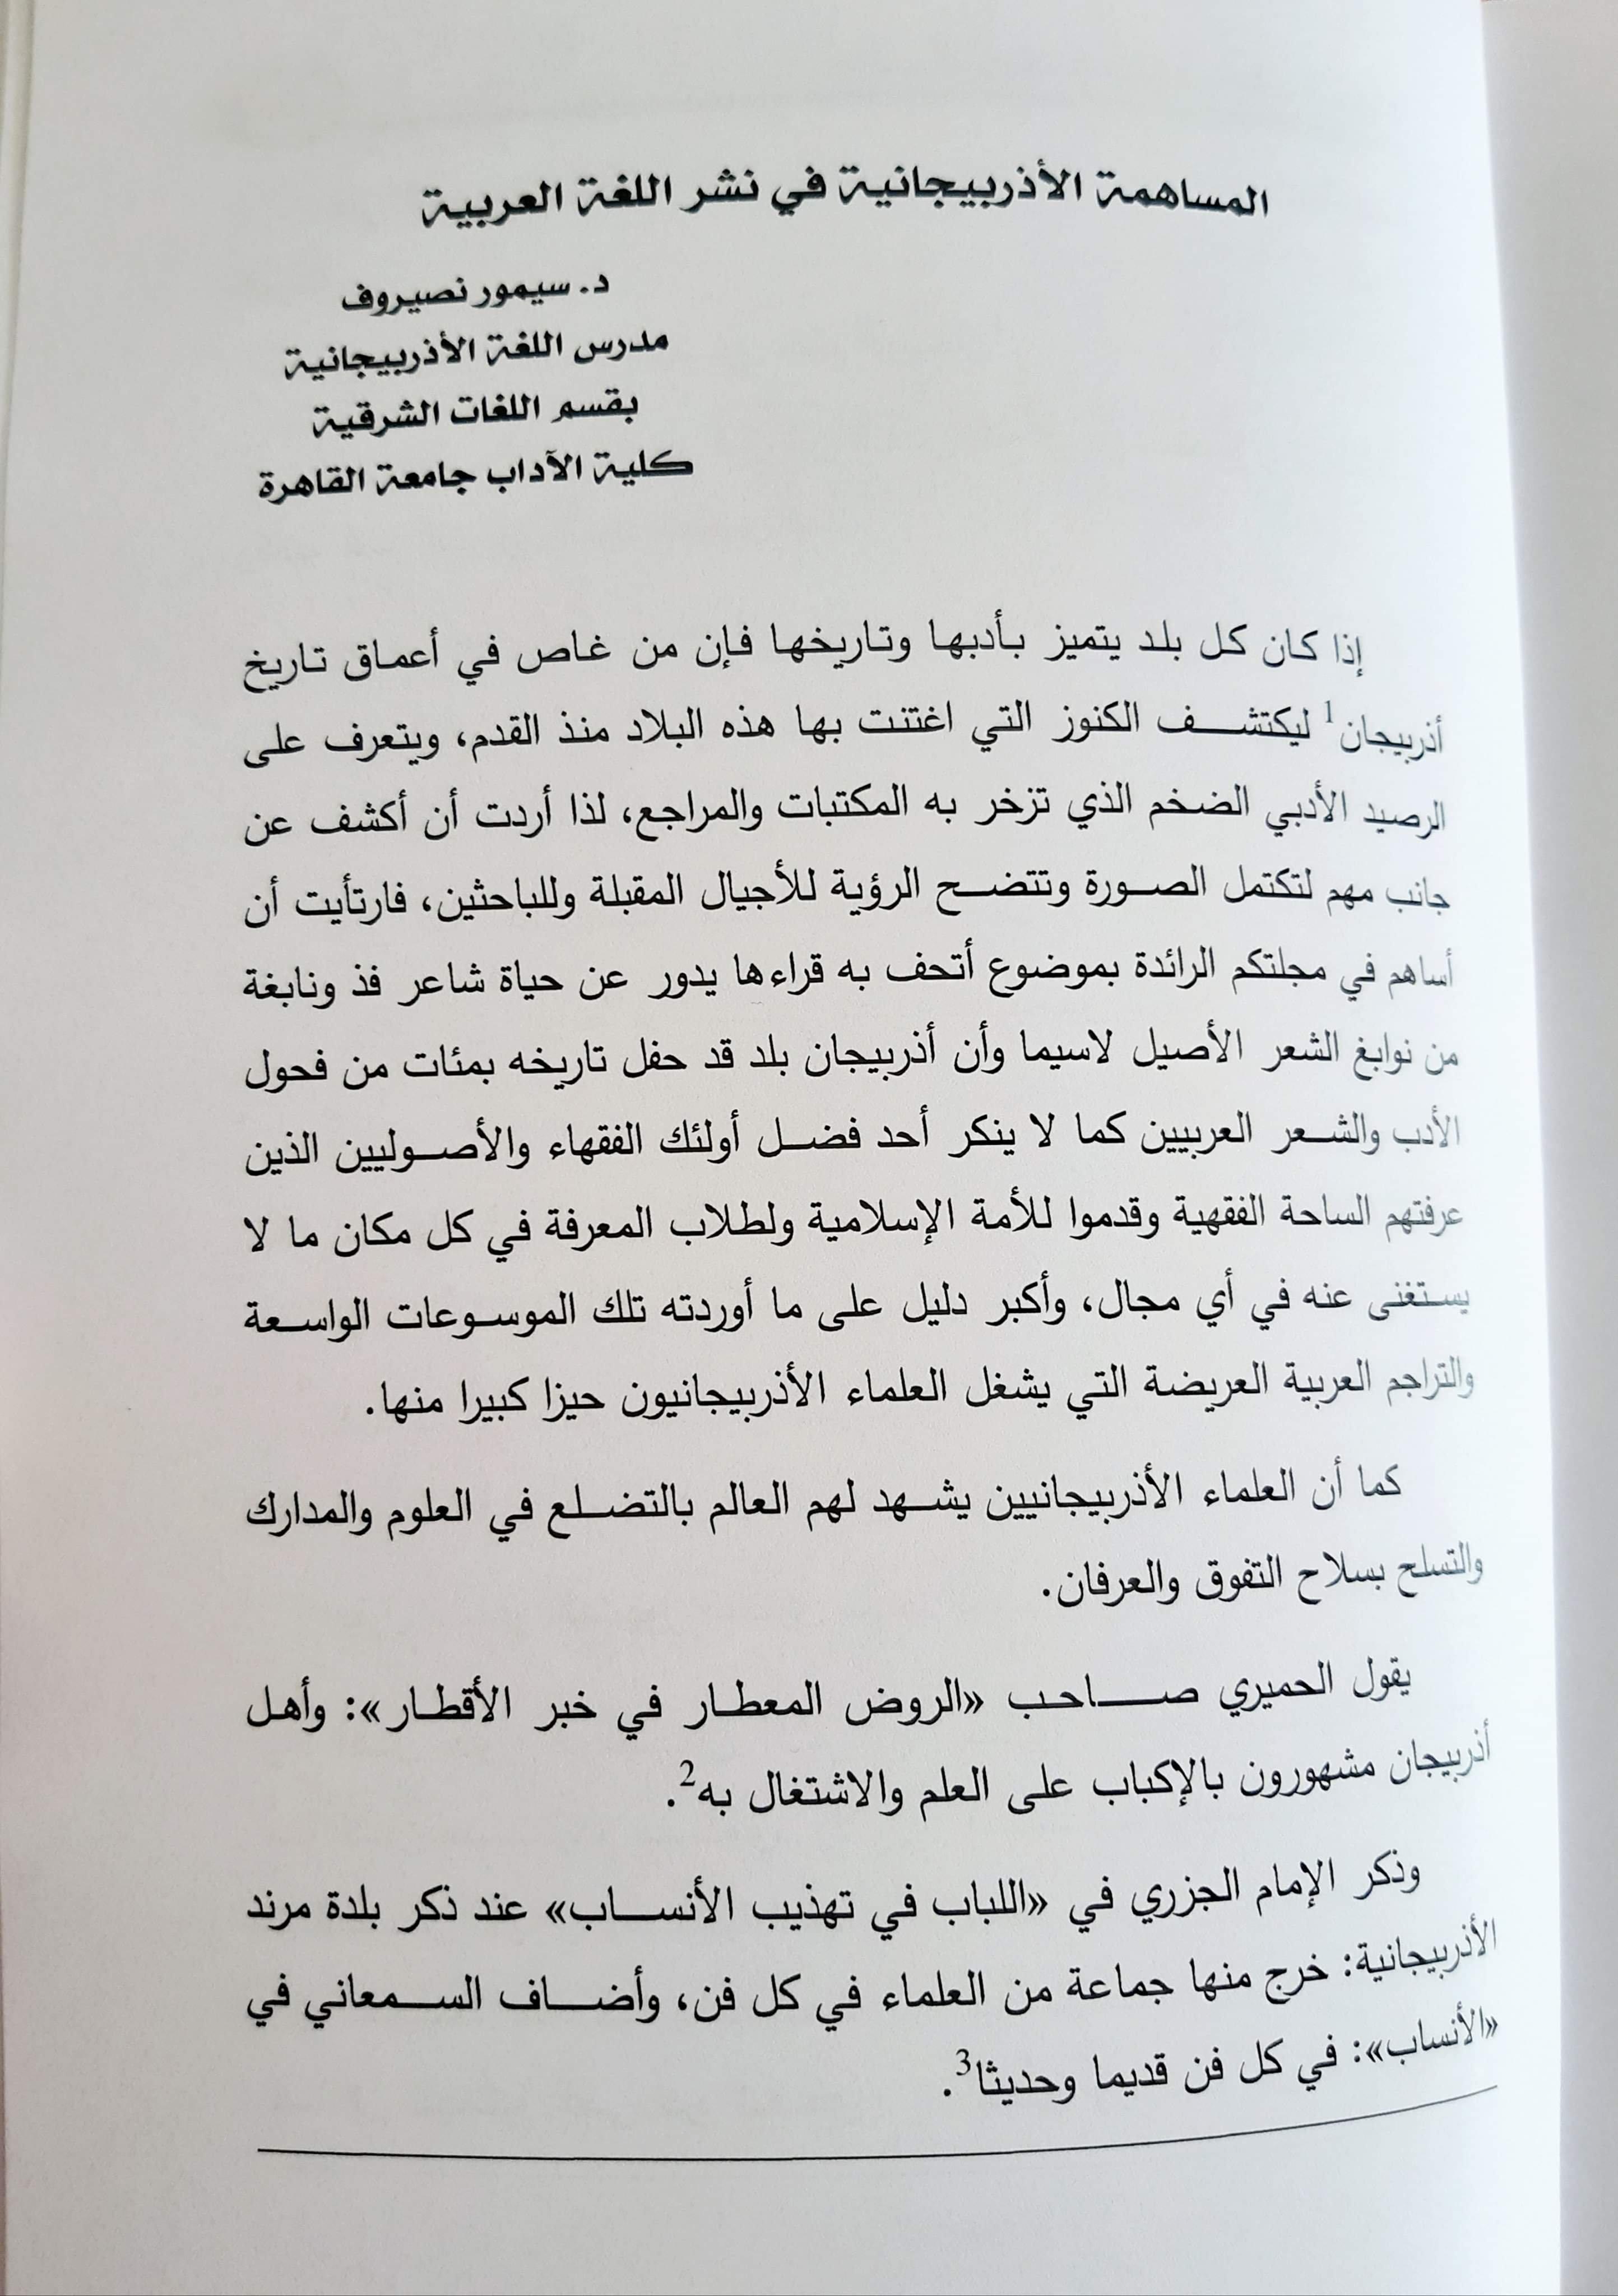 Misirdə azərbaycanlı alimin elmi məqaləsi dərc olunub